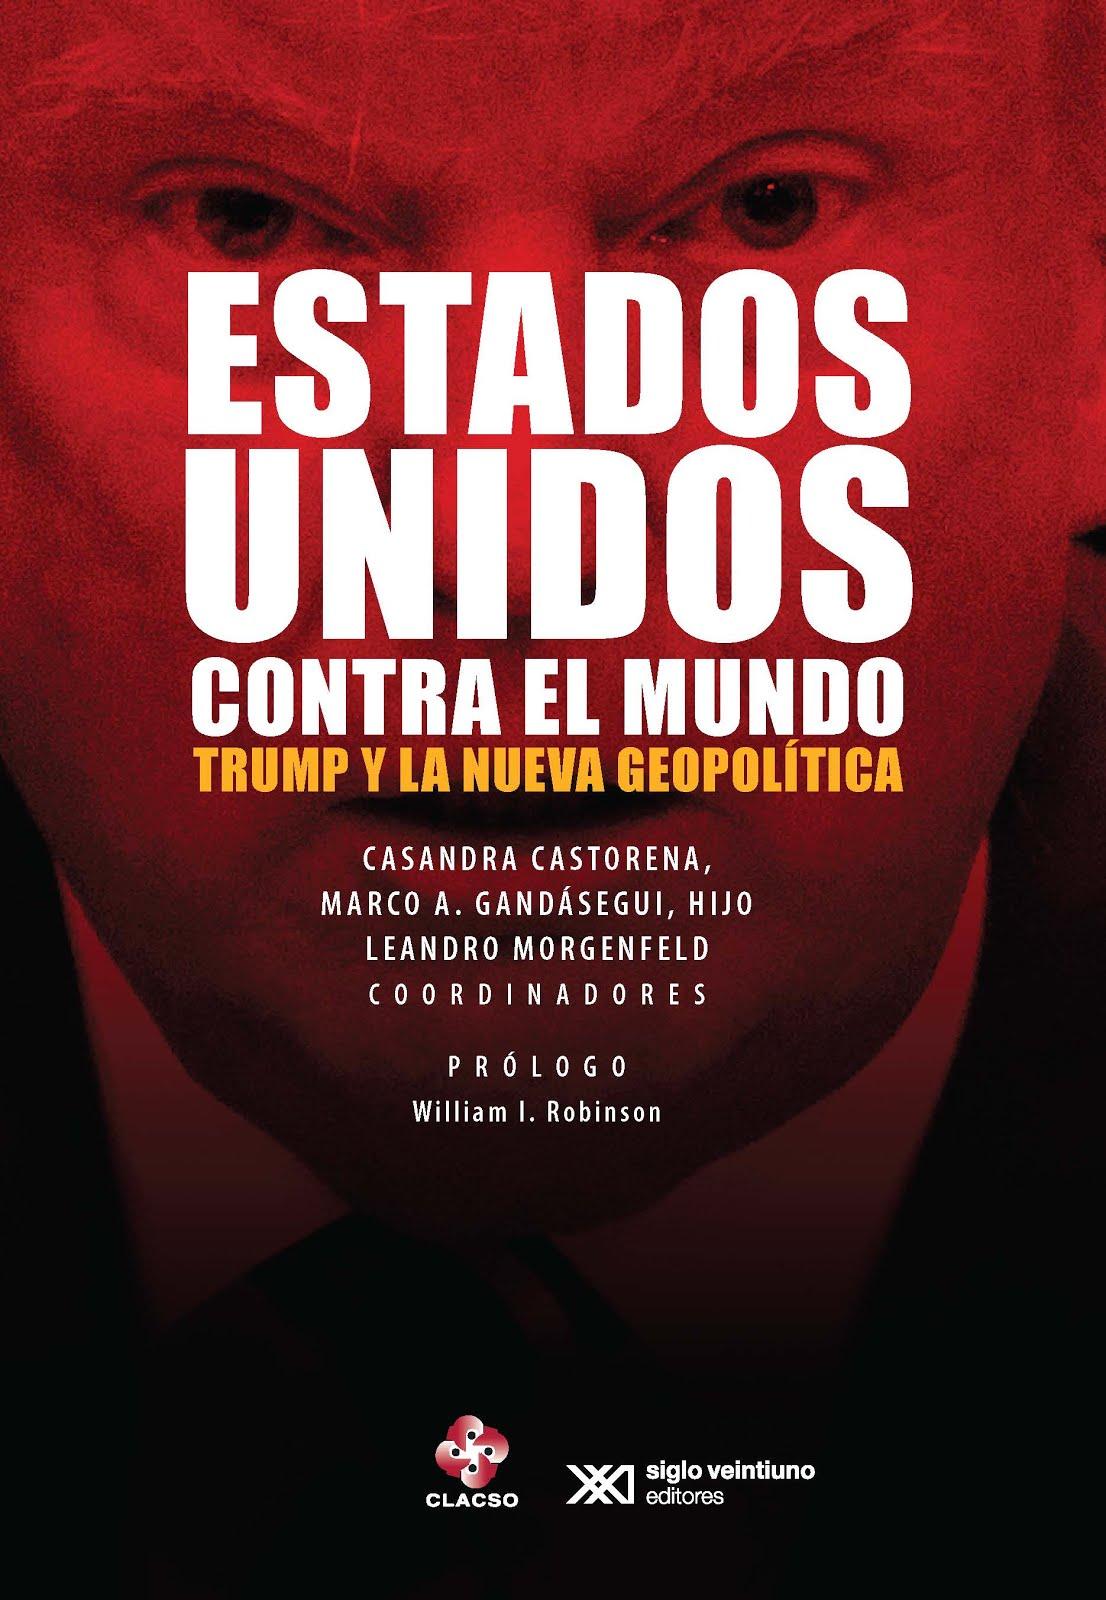 Se presenta el 23/11 en Buenos Aires!